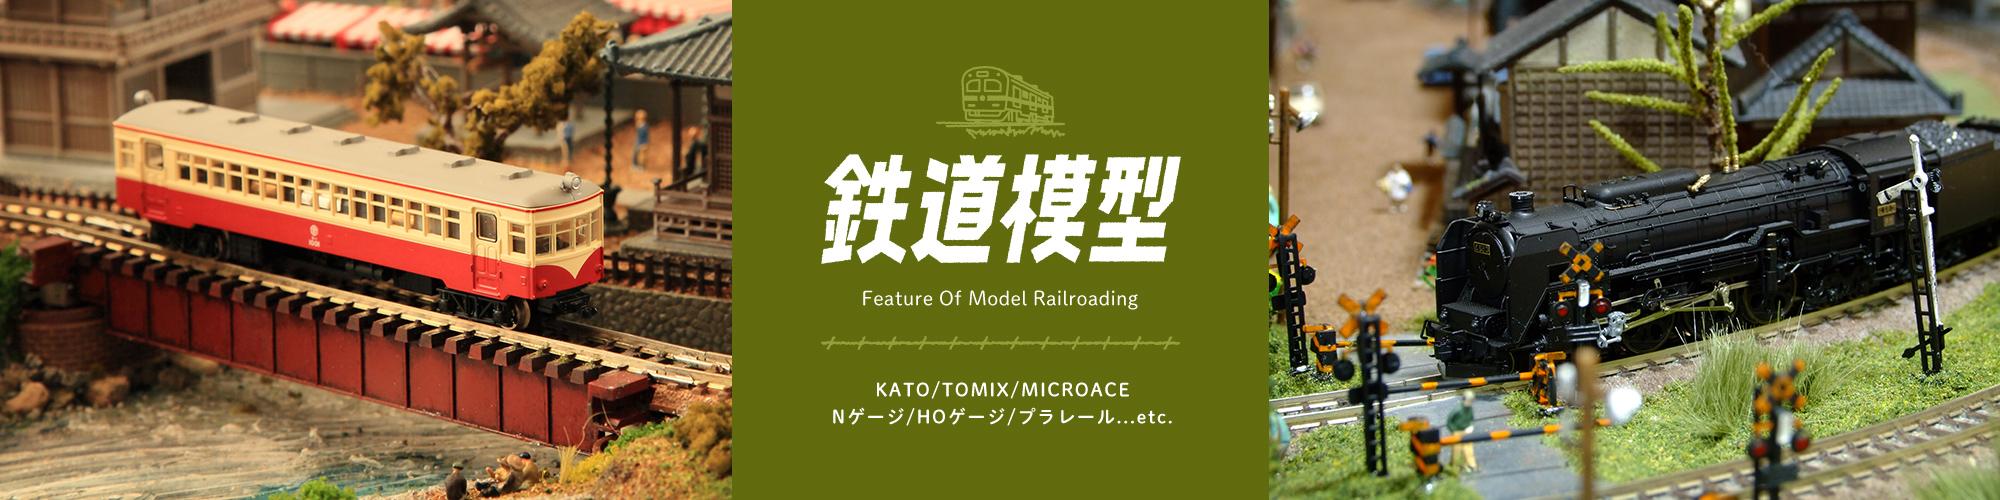 鉄道模型特集